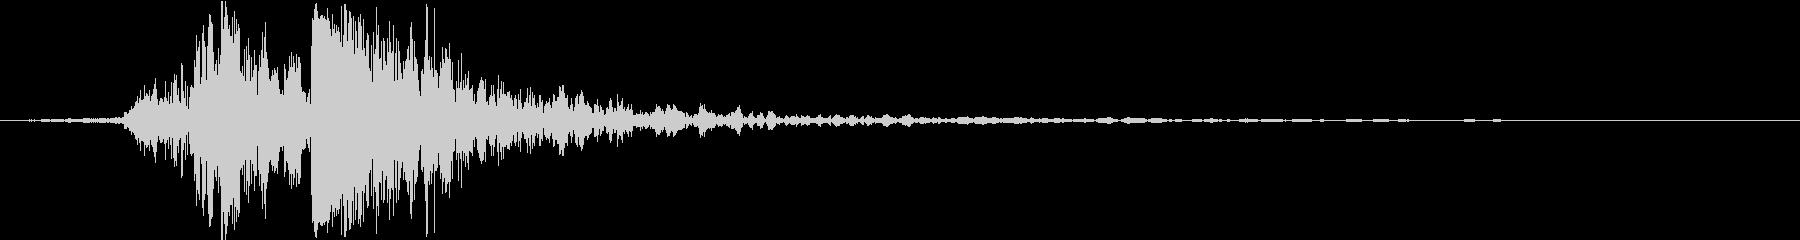 METAL SHIP DOOR:C...の未再生の波形